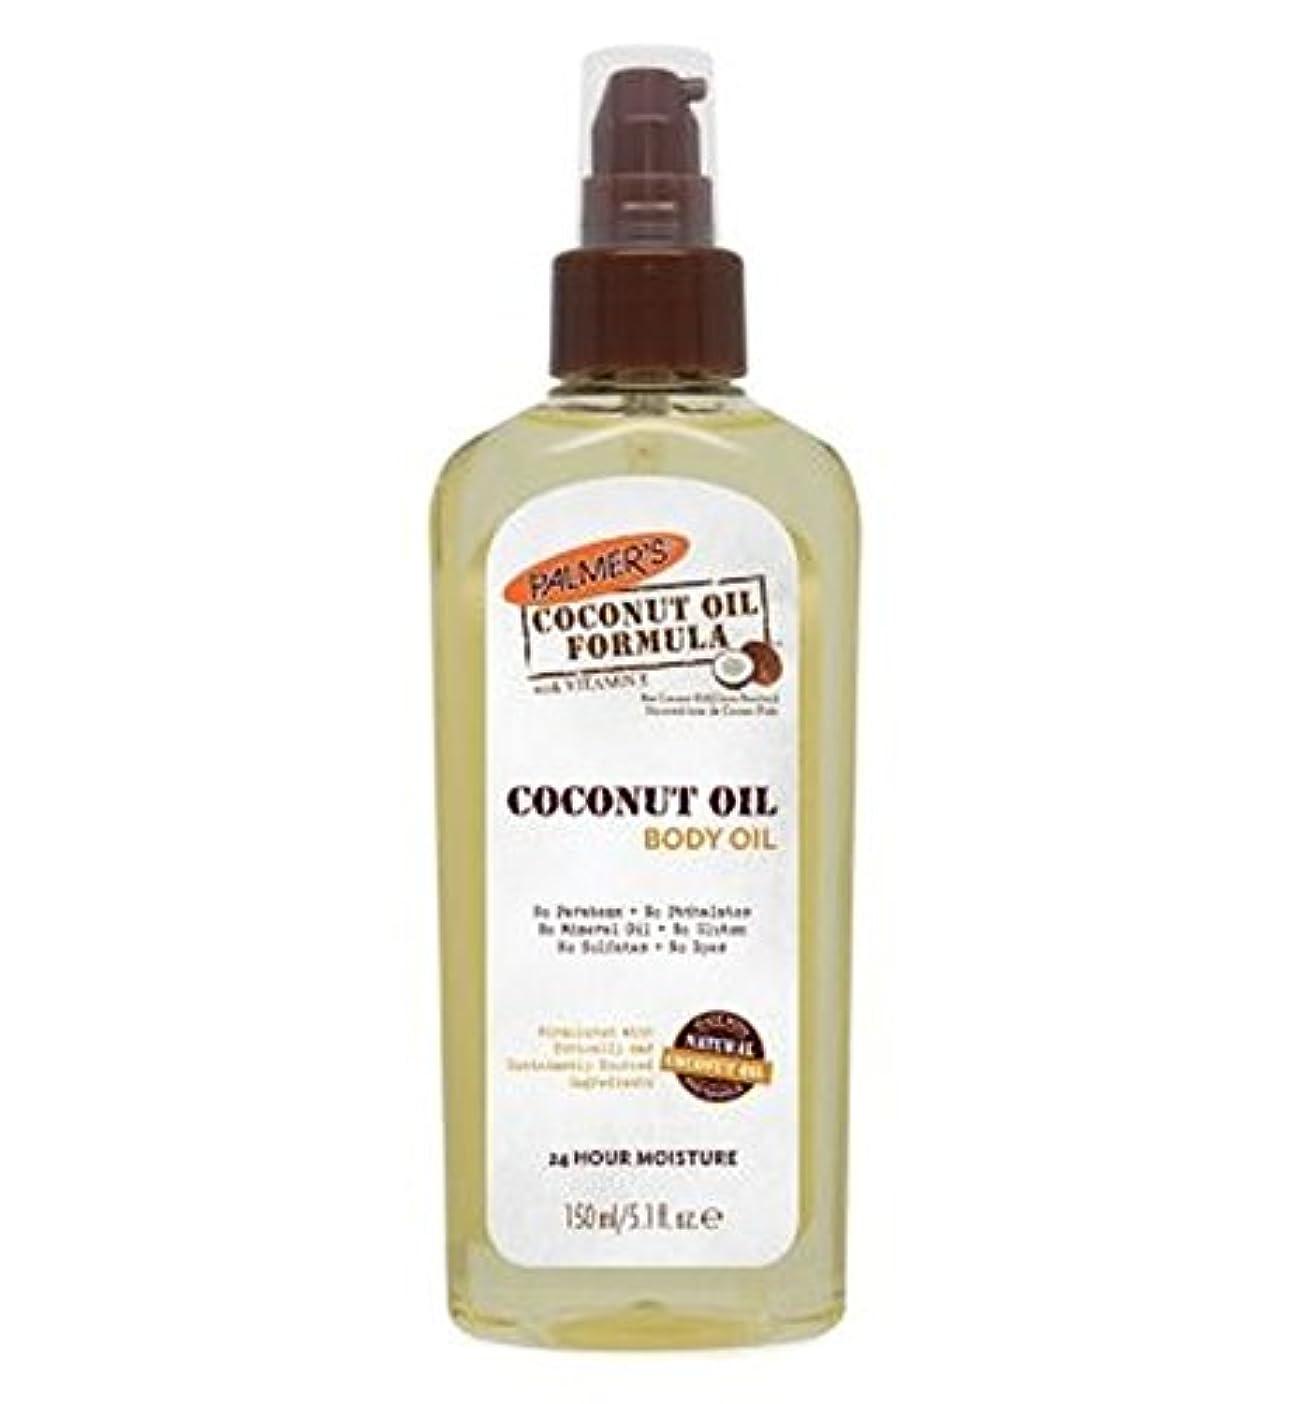 気まぐれなストレージタンクPalmer's Coconut Oil Formula Body Oil 150ml - パーマーのココナッツオイル式ボディオイル150ミリリットル (Palmer's) [並行輸入品]